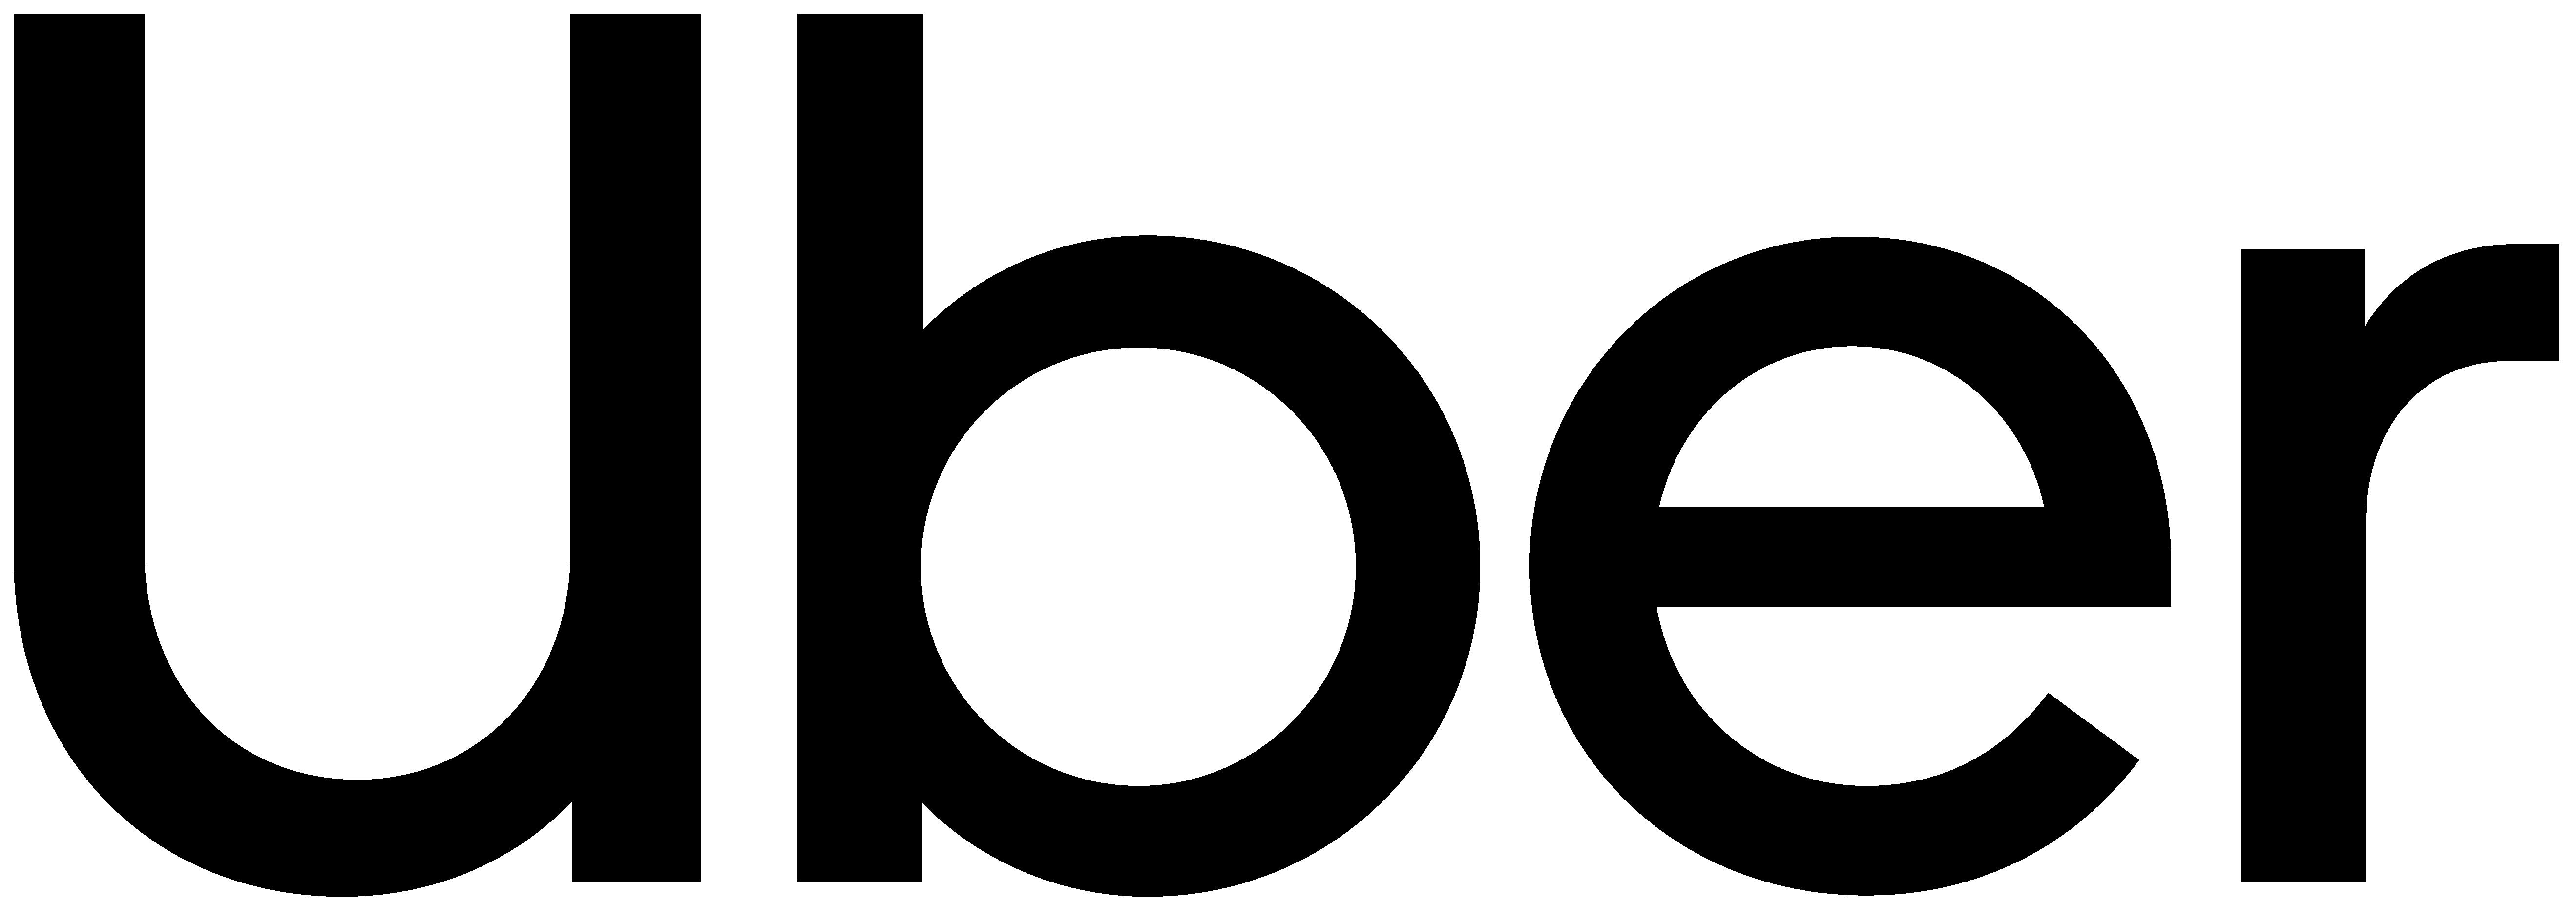 Logo Uber Png & Free Logo Uber.png Transparent Images #31837.